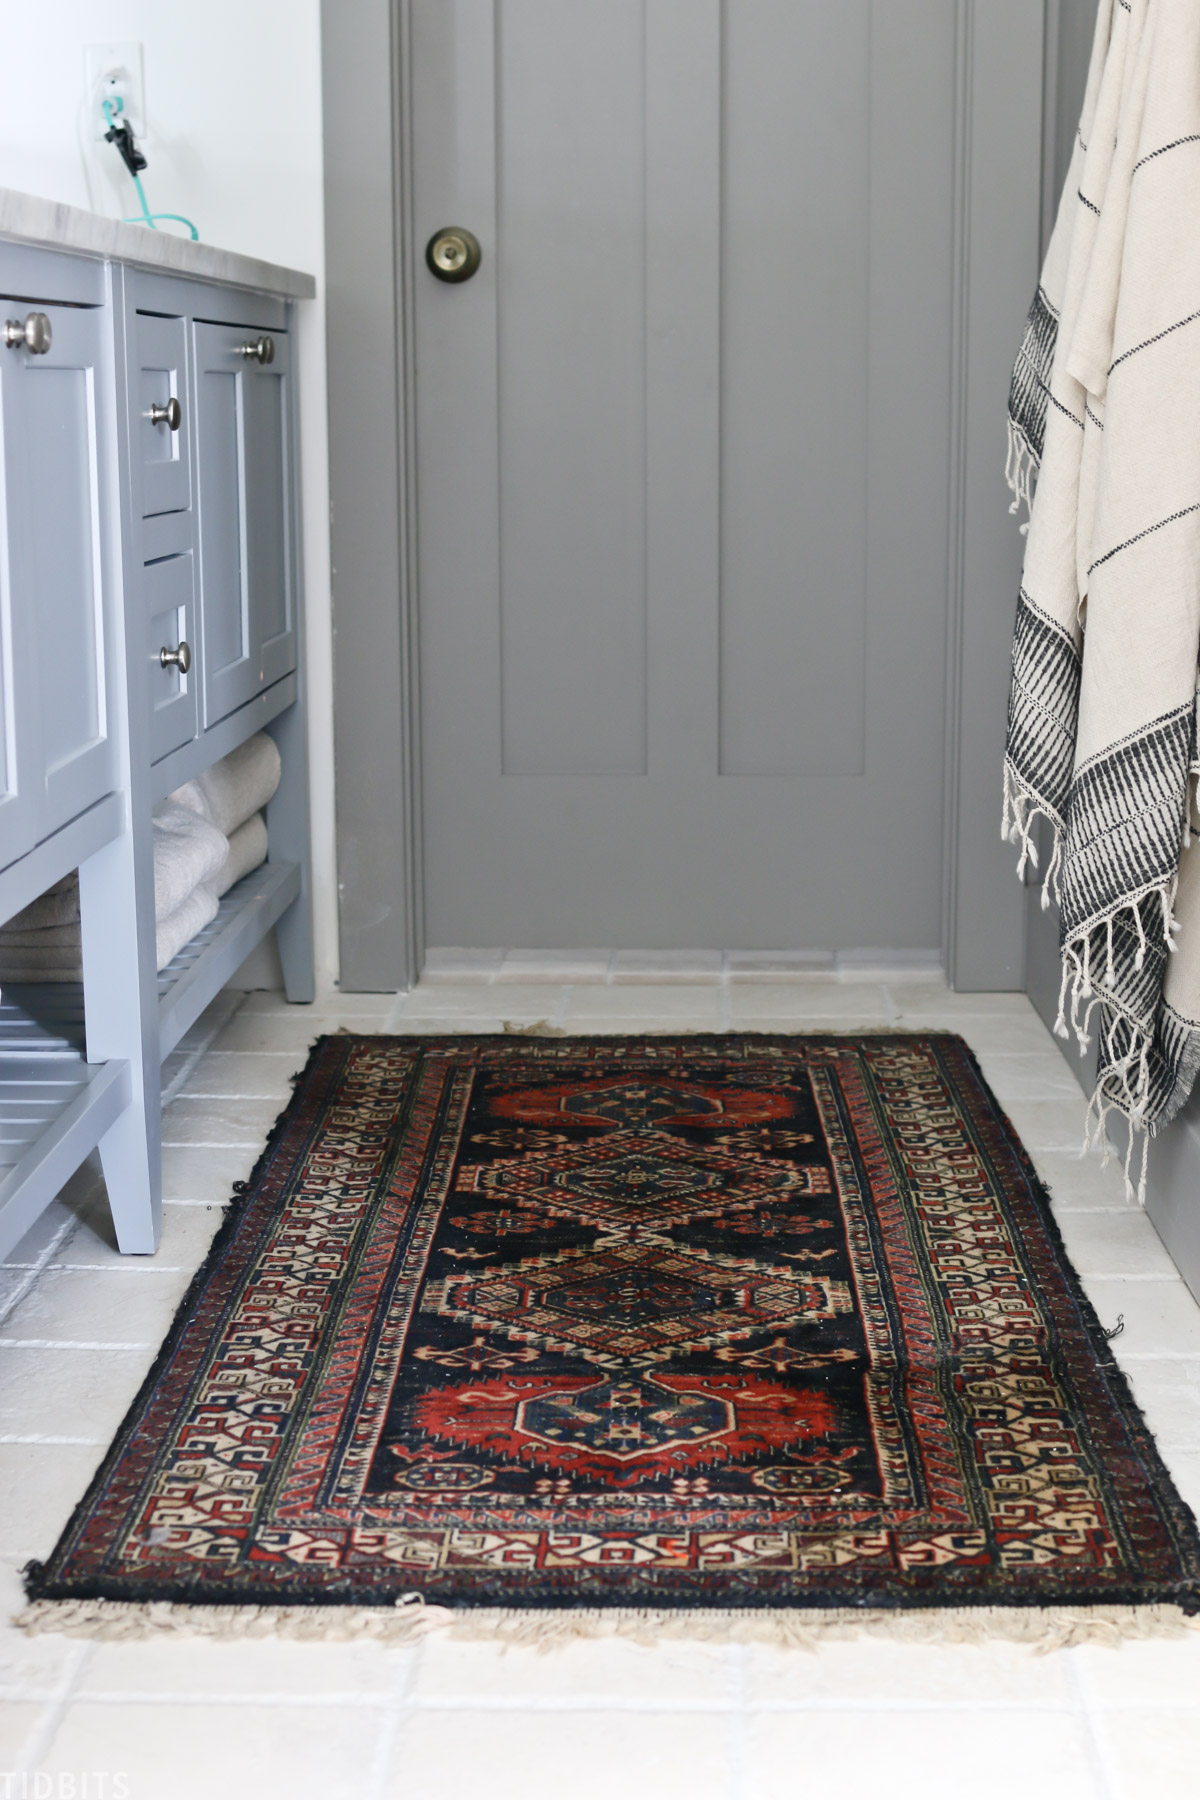 wool runner rug with gray door